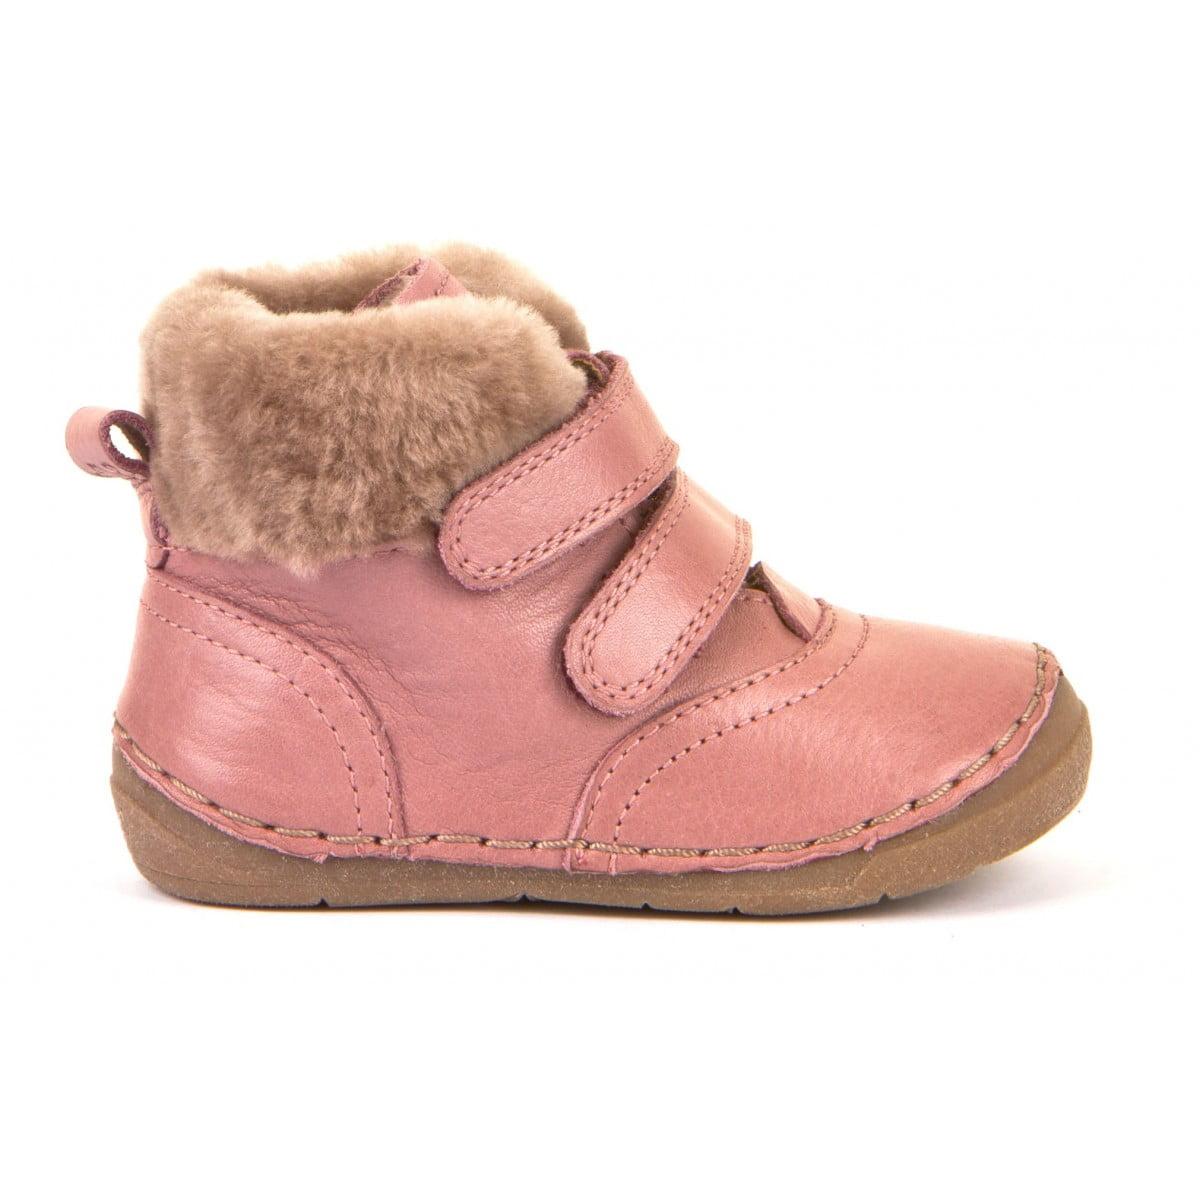 Ghete din piele căptuşite cu blană de miel şi talpă flexibilă pink Froddo 2